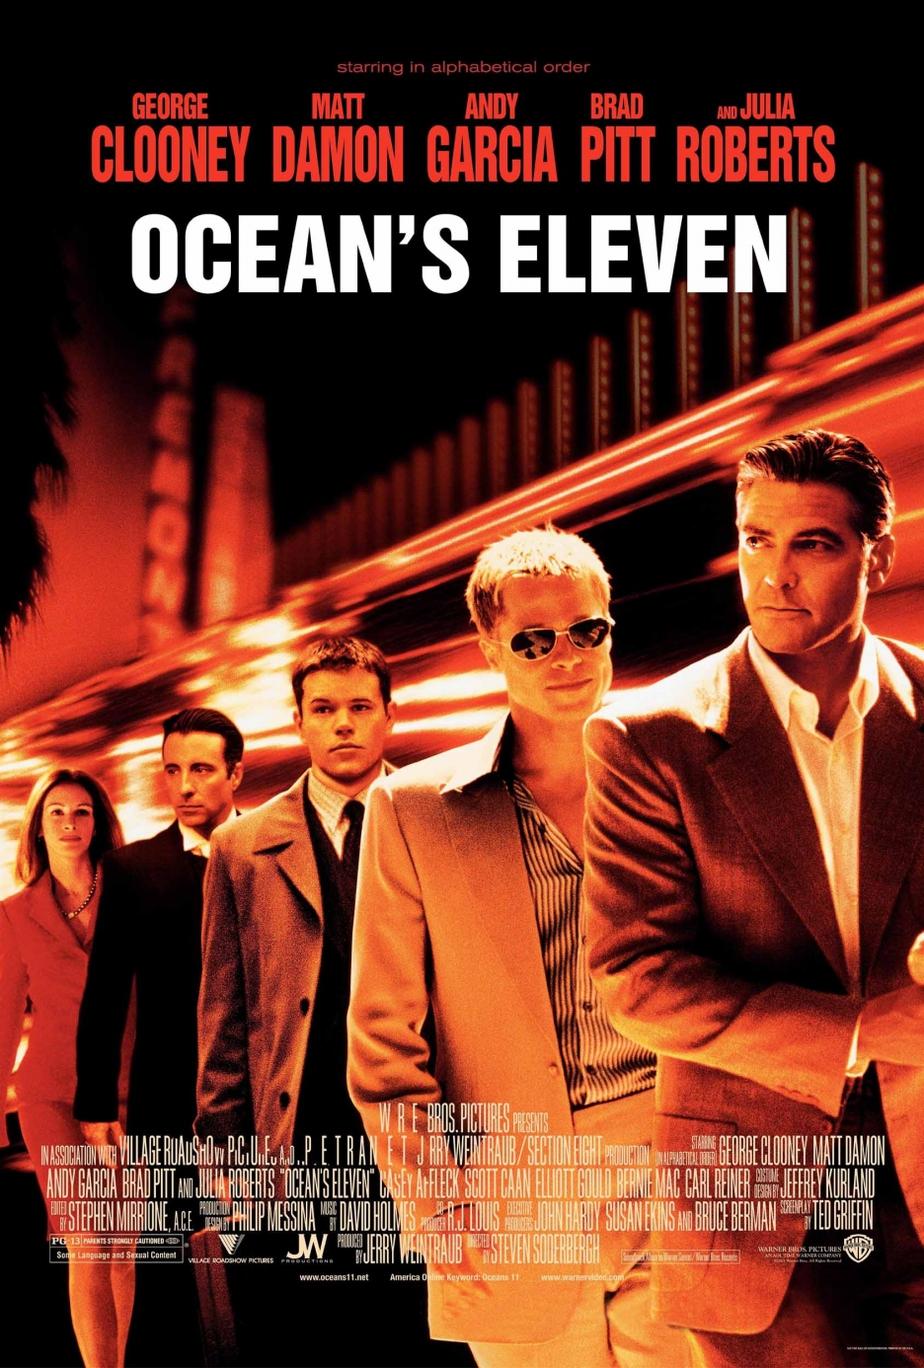 oceanțs eleven